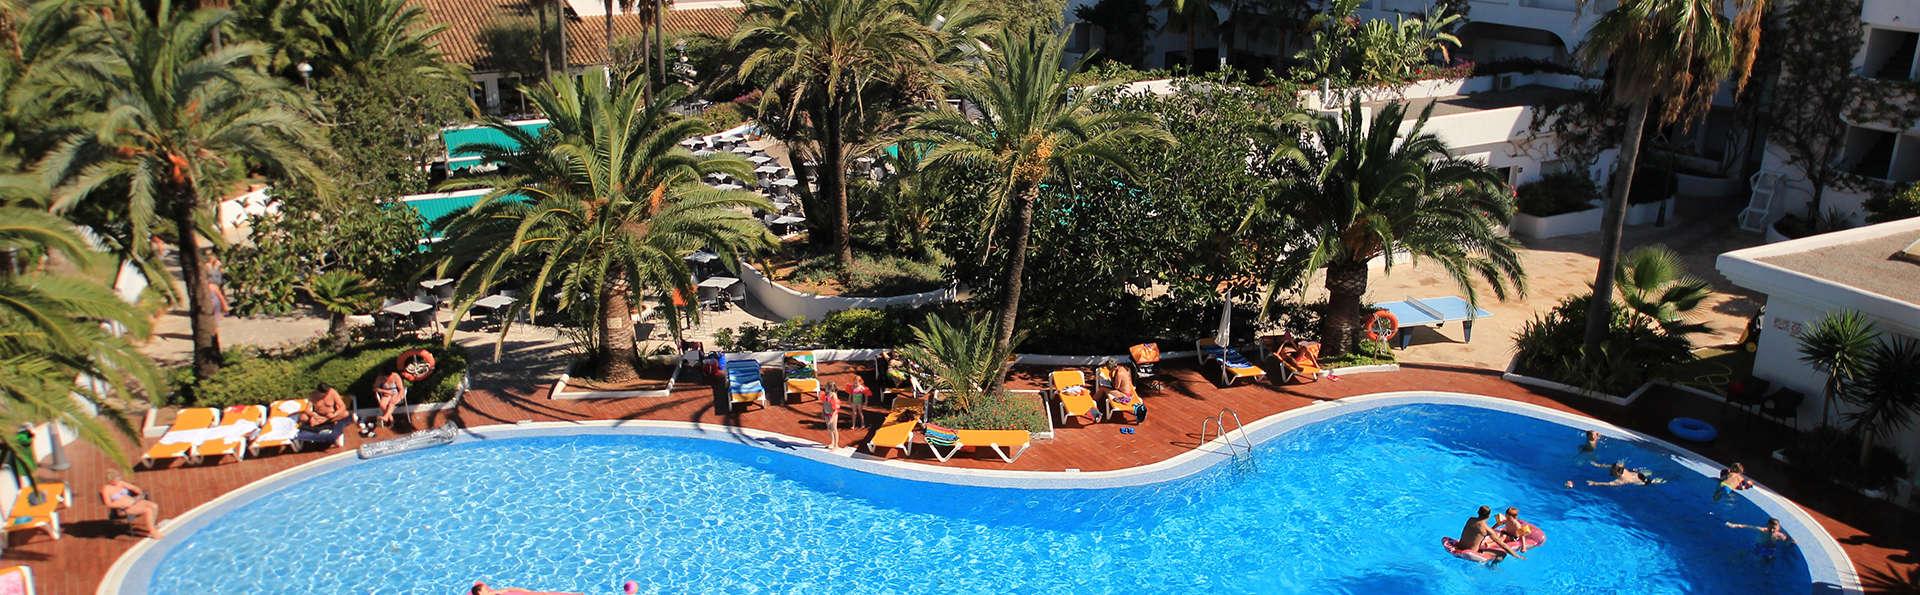 Oferta especial a Mallorca: Apartamento para 2 adultos y 2 niños